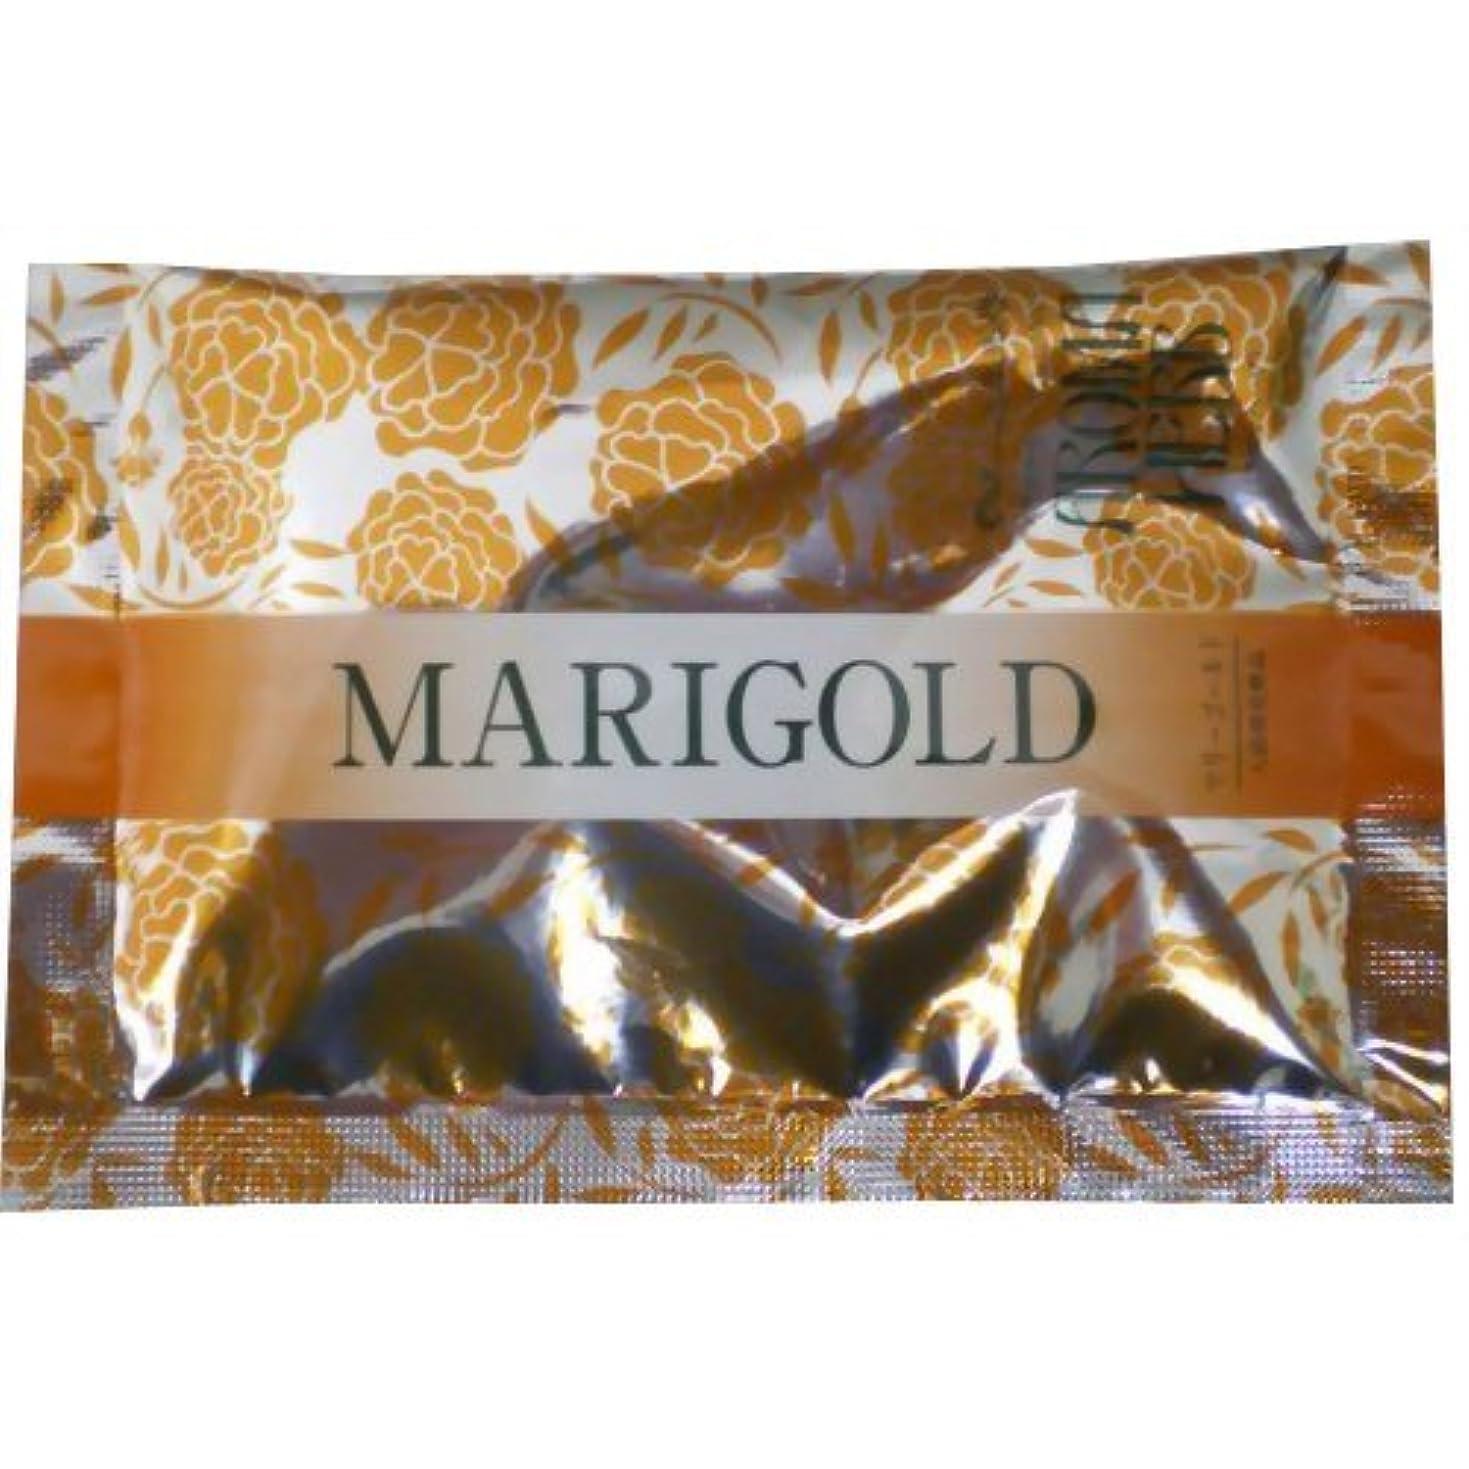 トーンドックタンザニアアロマハーブ 香りの物語入浴剤 マリーゴールド(入浴剤 ハーブ)